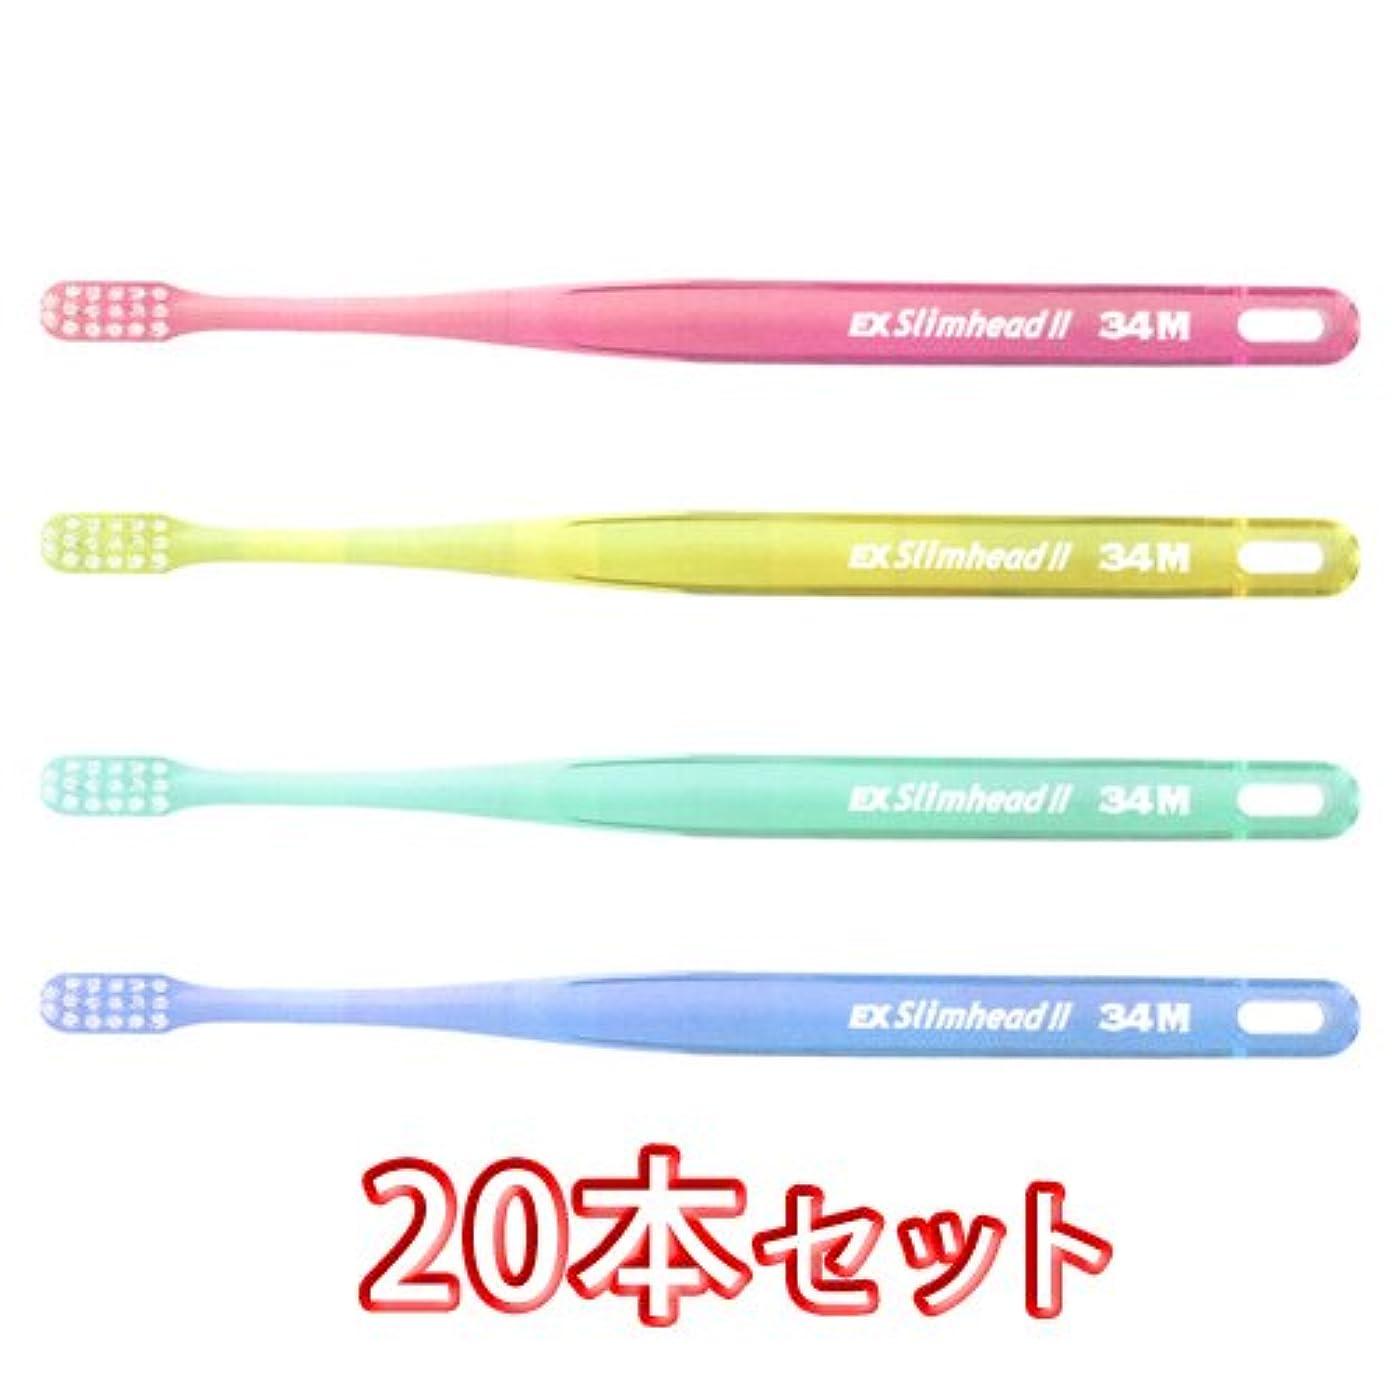 クーポンラテン行くライオン スリムヘッド2 歯ブラシ DENT . EX Slimhead2 20本入 (34M)